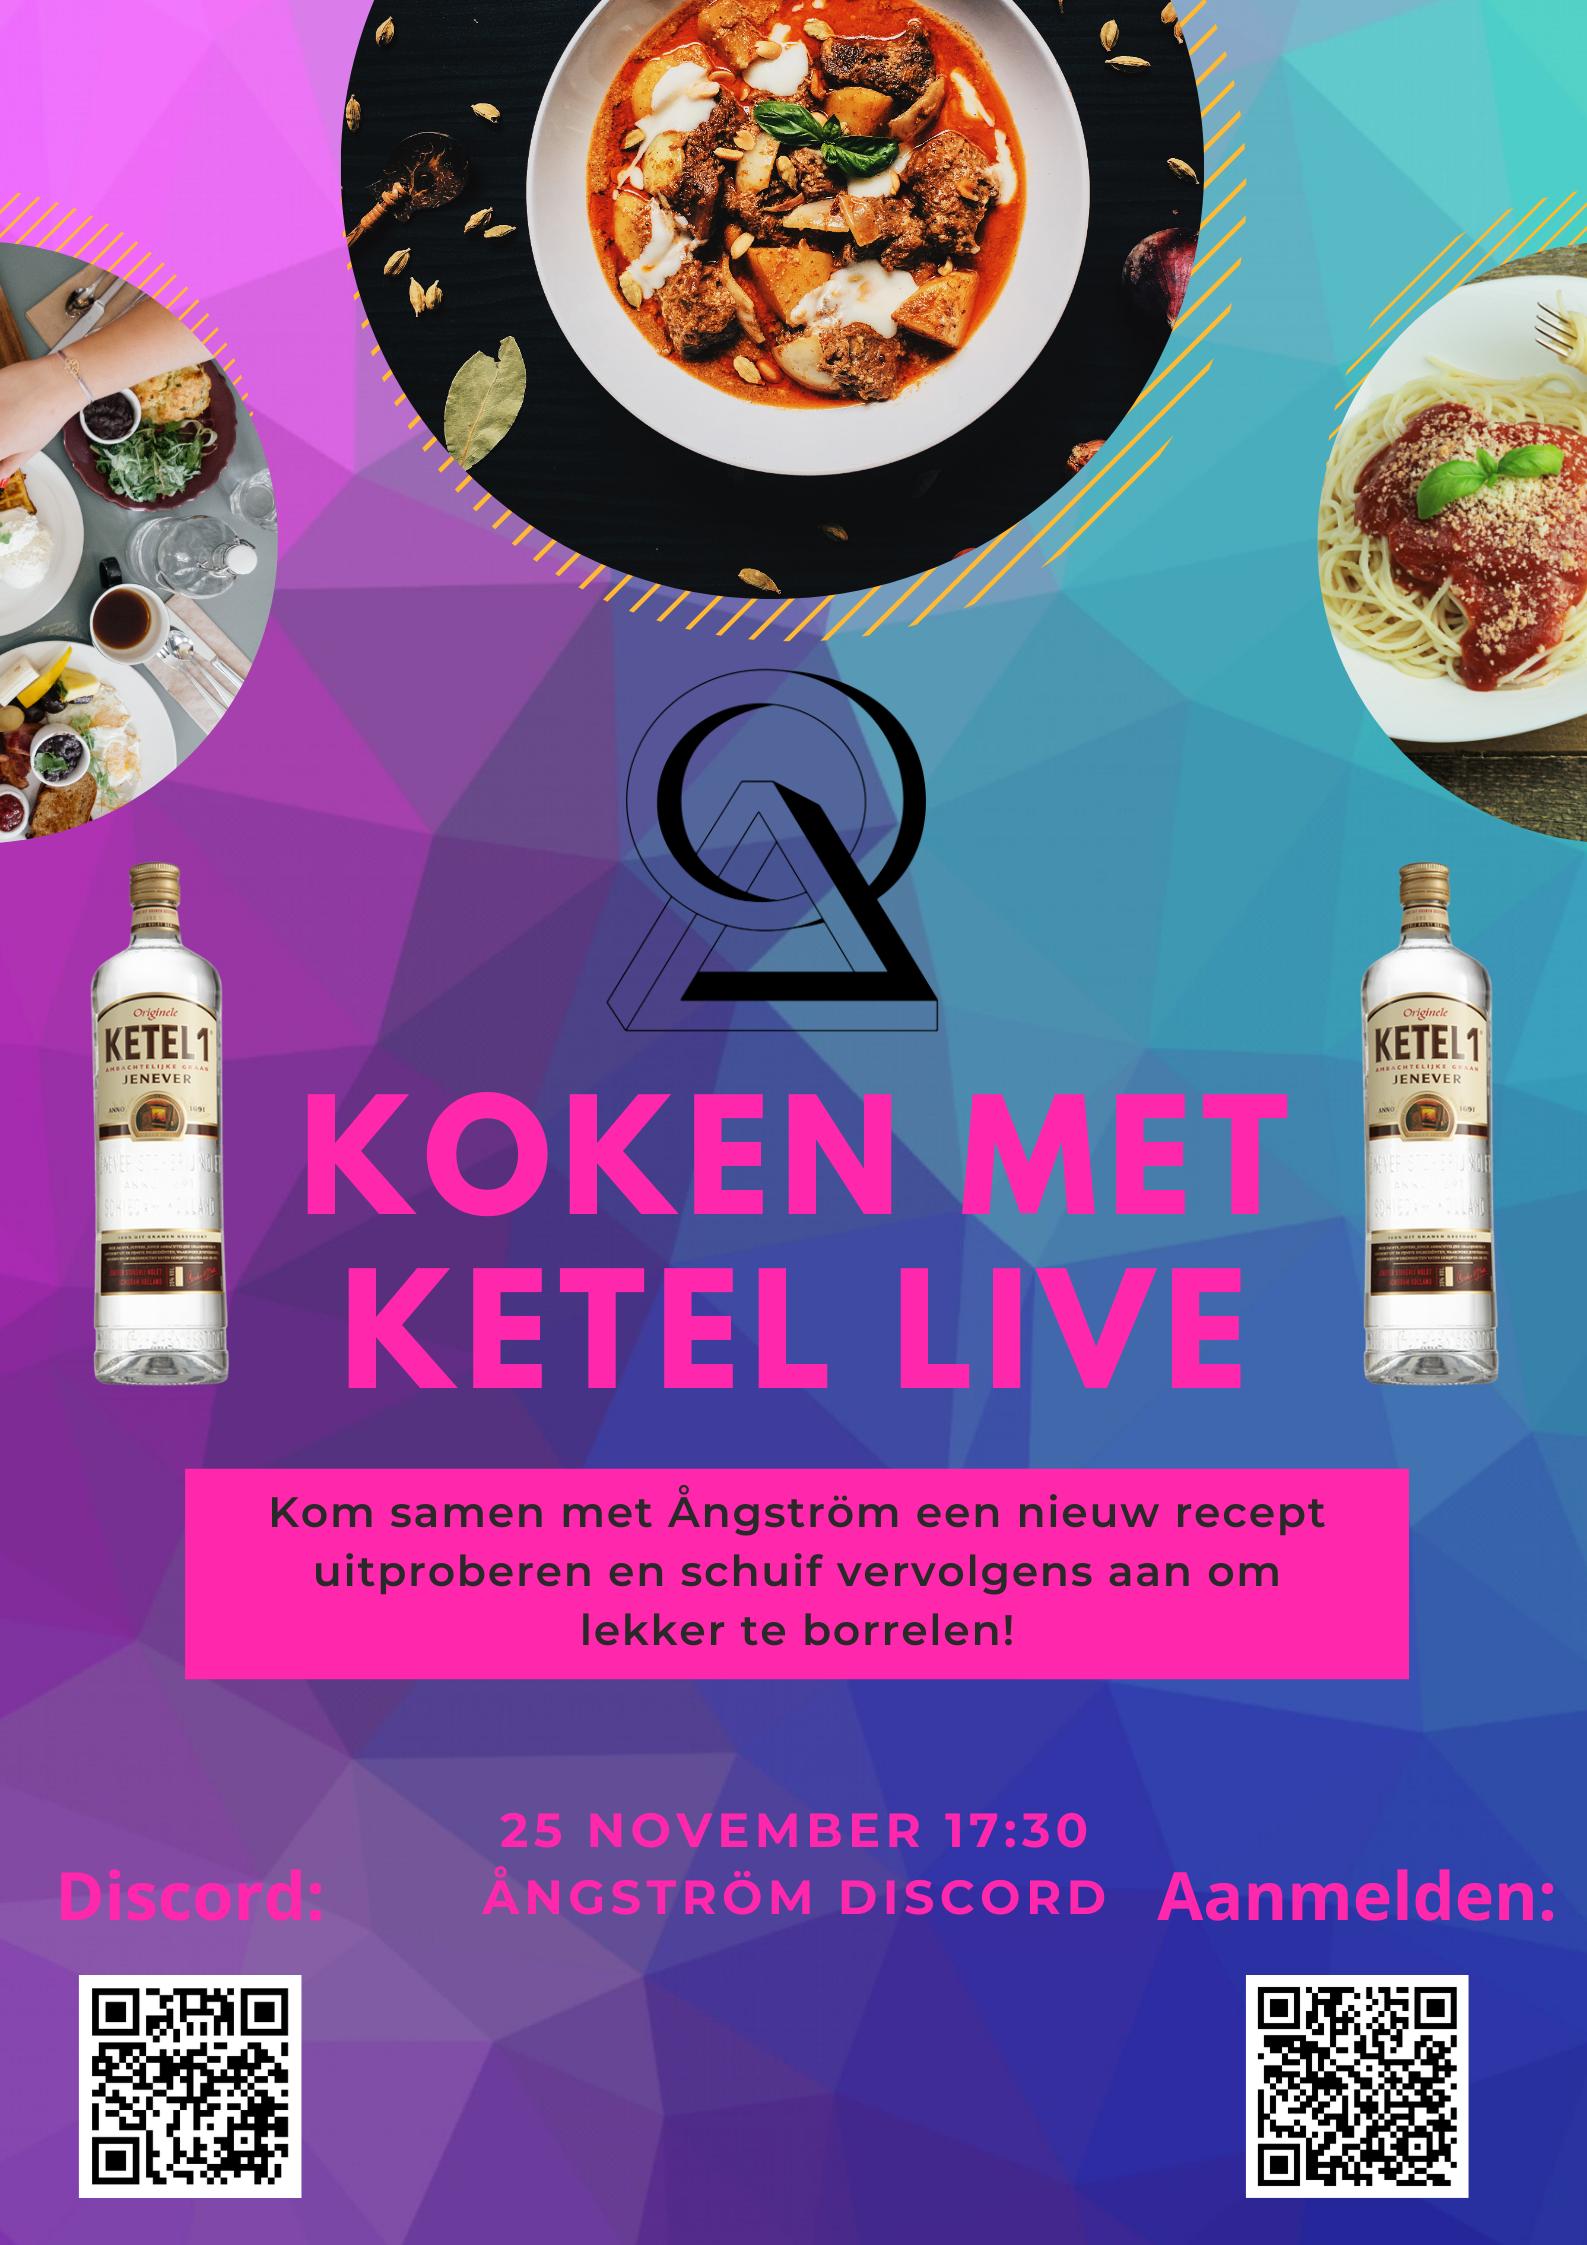 Koken met Ketel LIVE